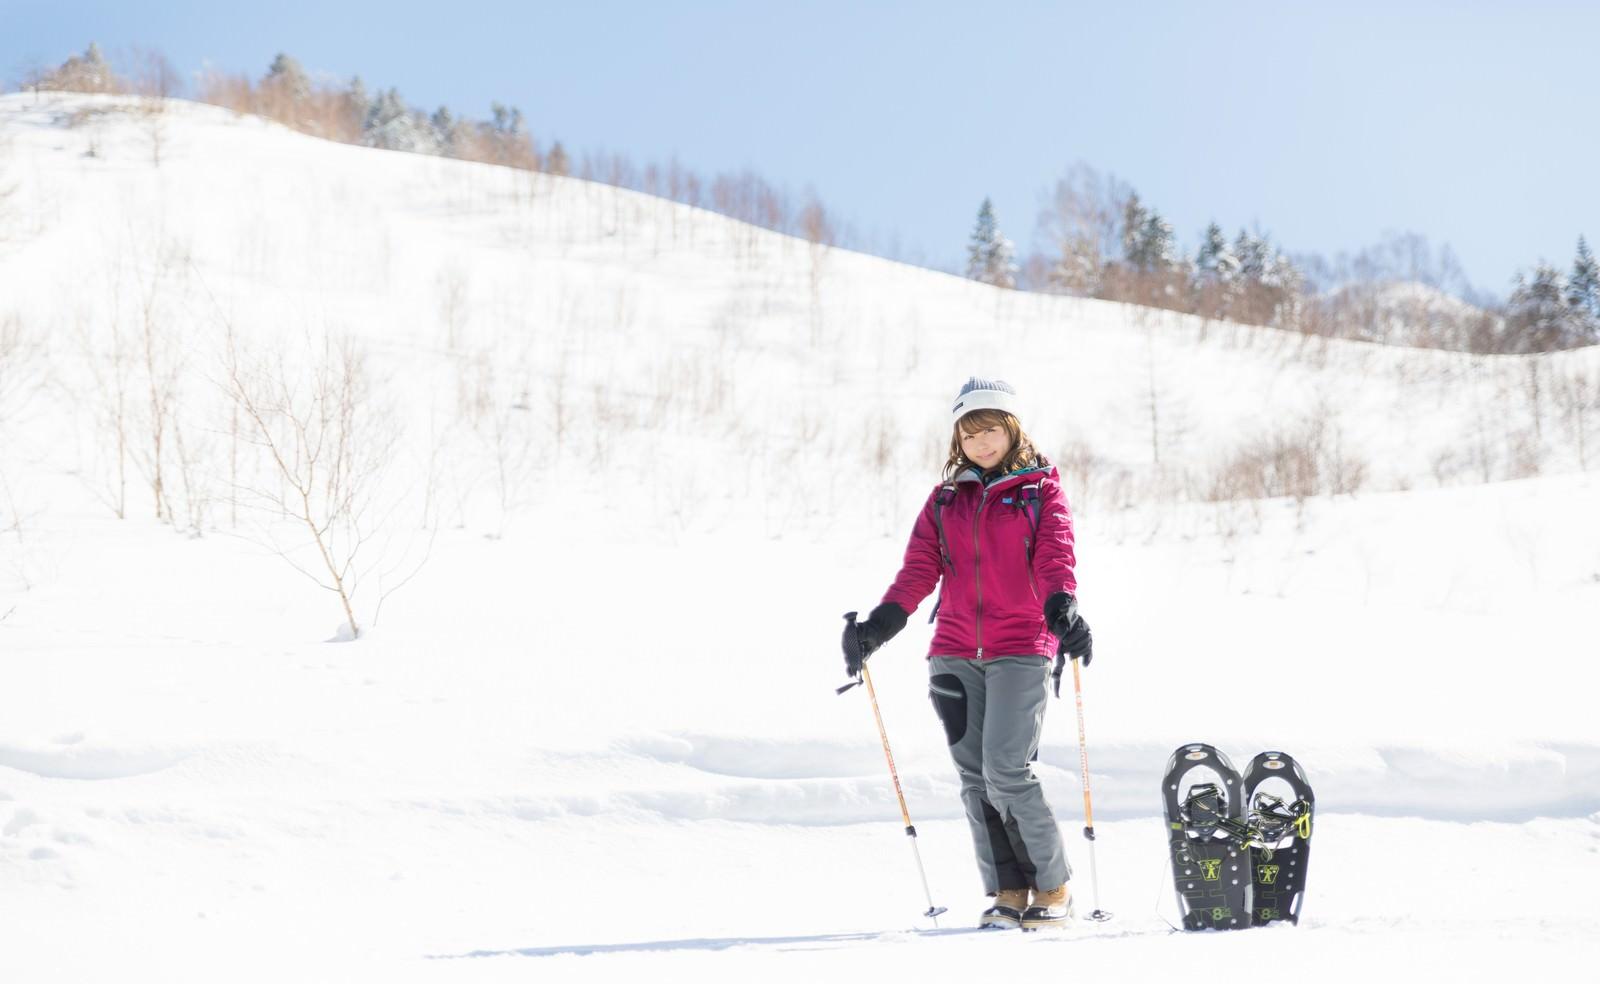 「本日は平湯温泉スキー場からお送りします本日は平... 本日は平湯温泉スキー場からお送りします|